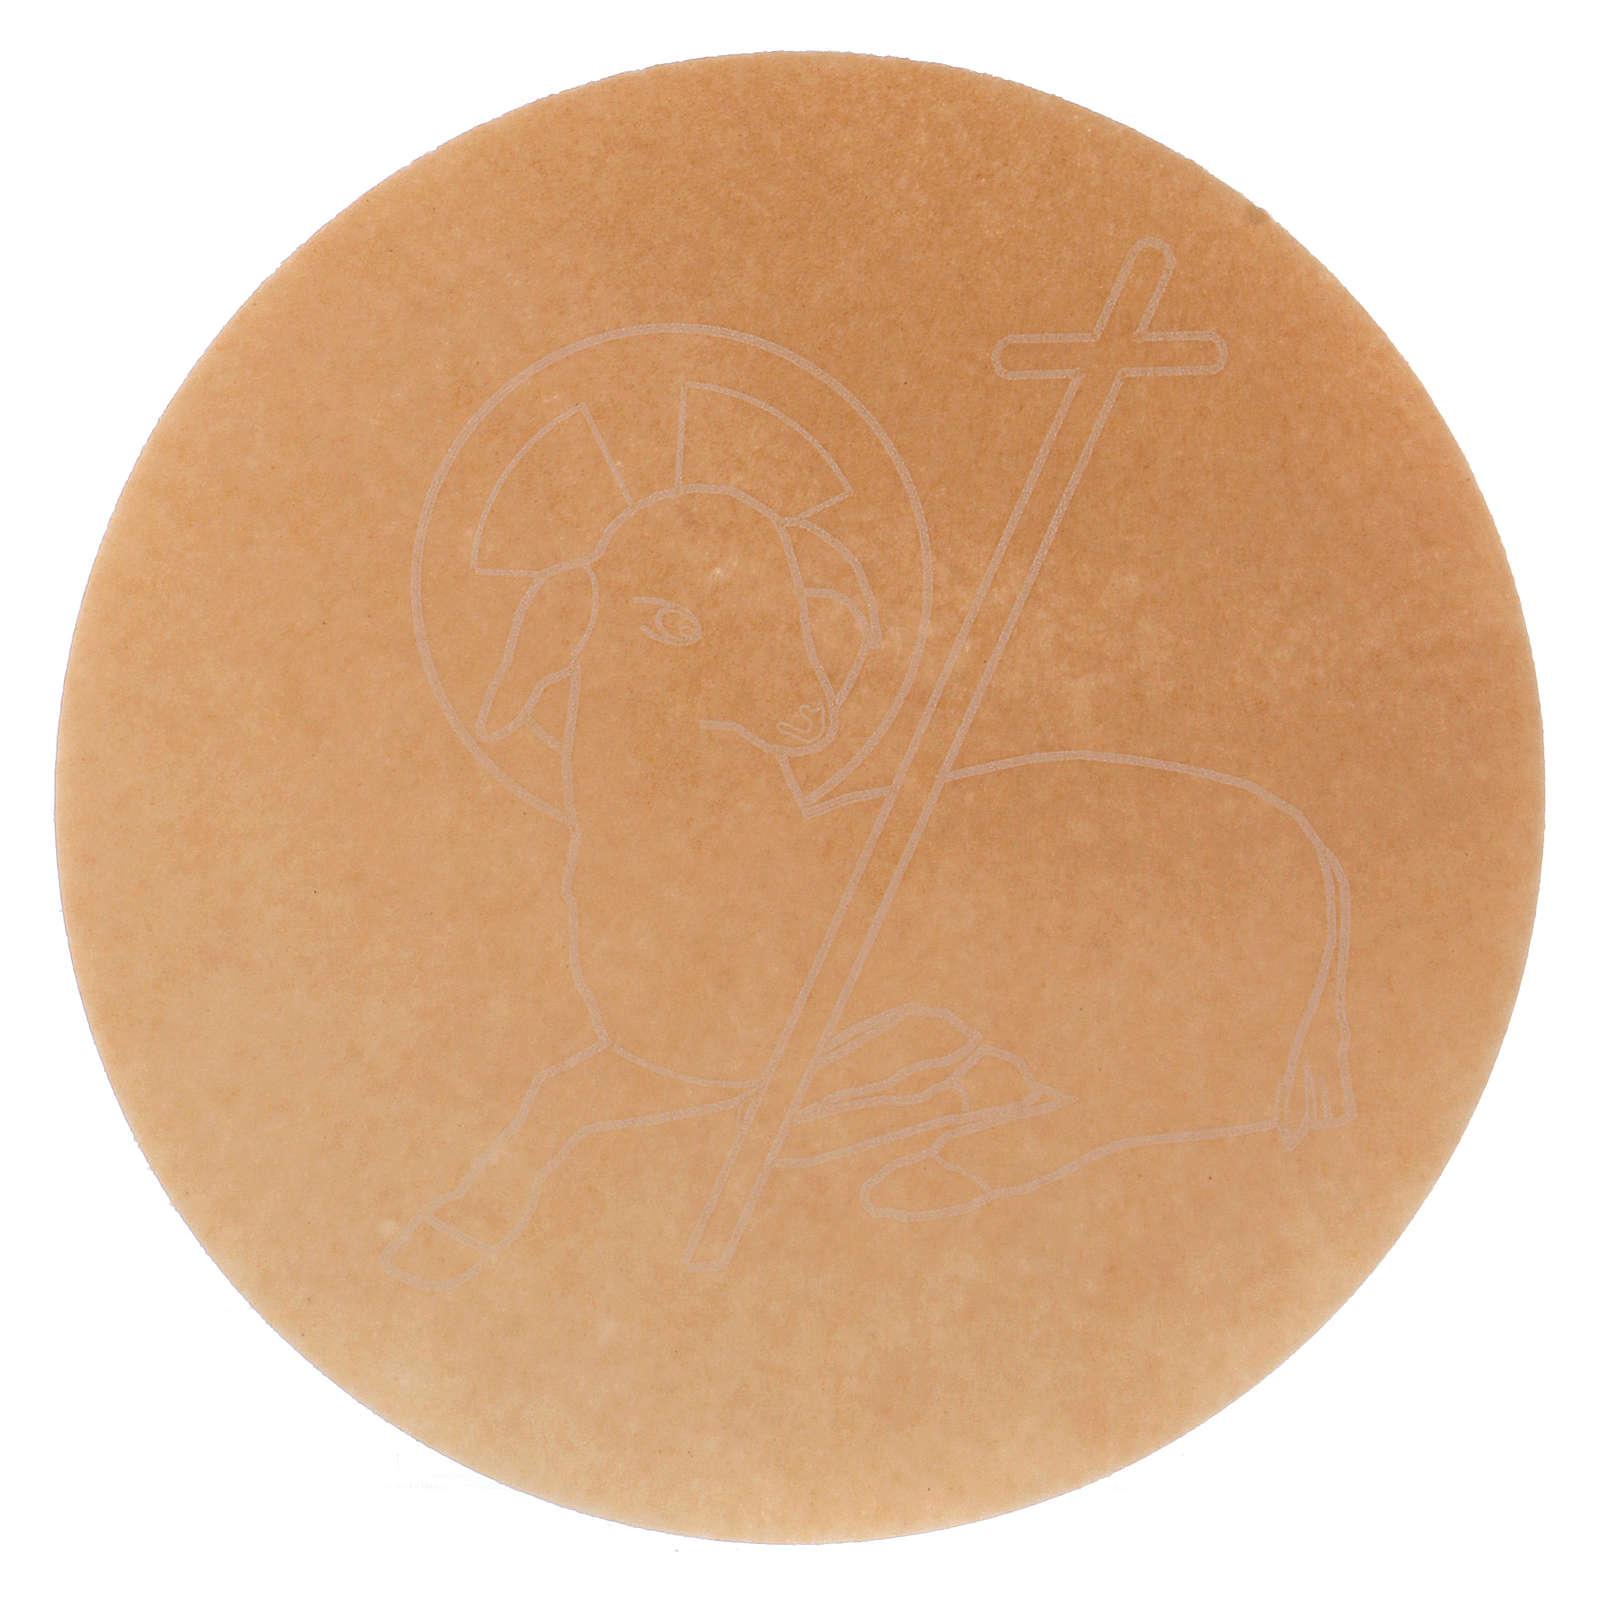 Hostie-pain pour con célébration 5 pièces diam. 16 cm 3